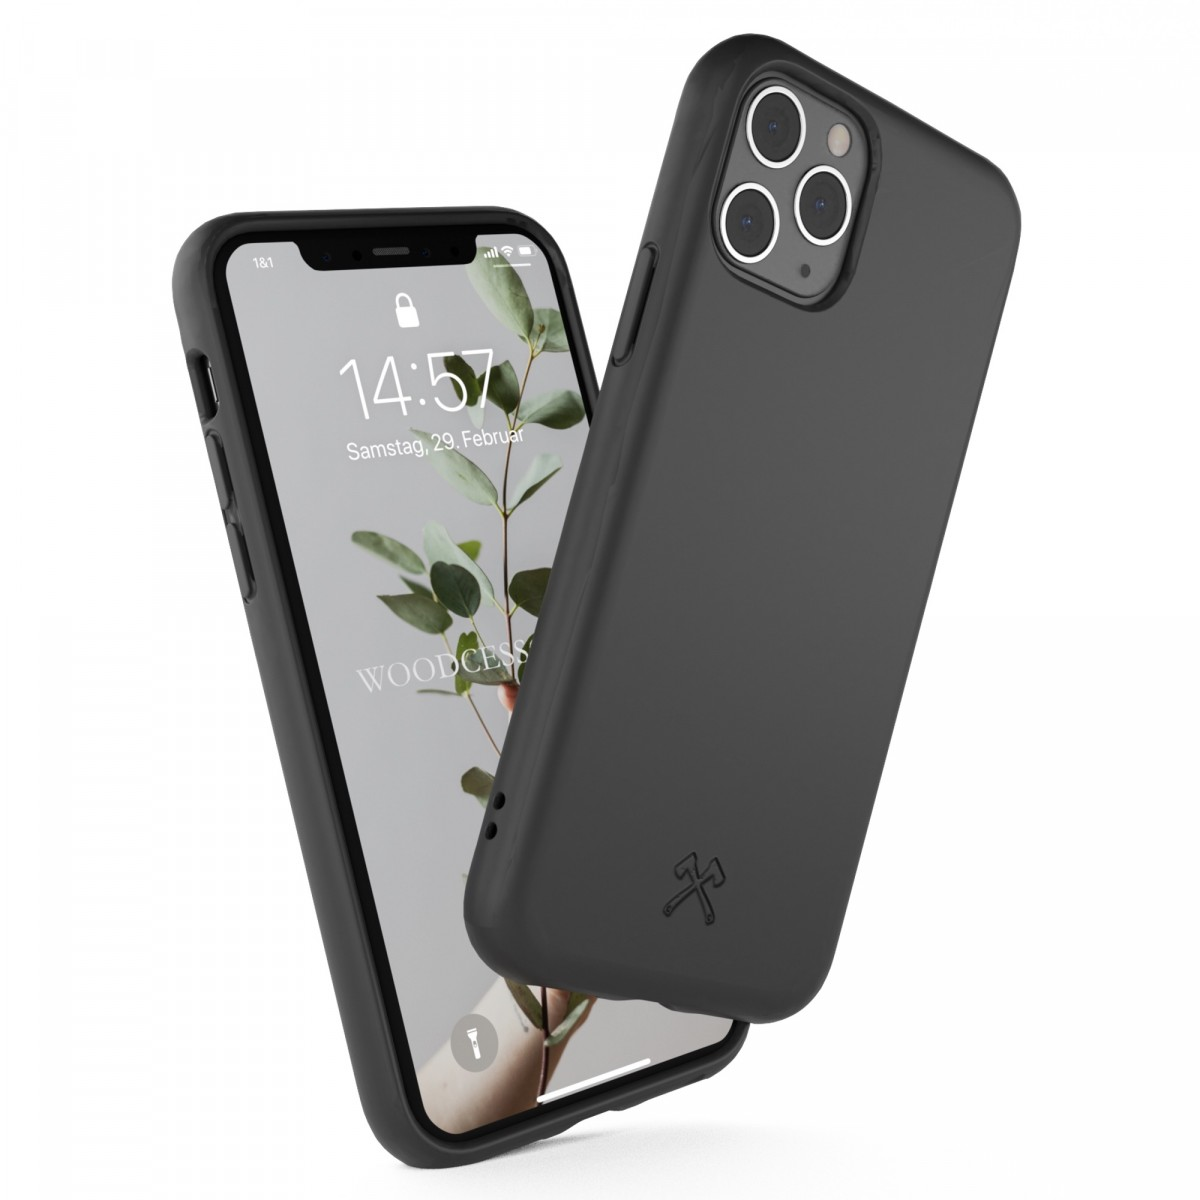 Woodcessoires – Nachhaltige iPhone Hülle aus Bio-Material für iPhone SE / XS / 11 / Pro / Max (schwarz)